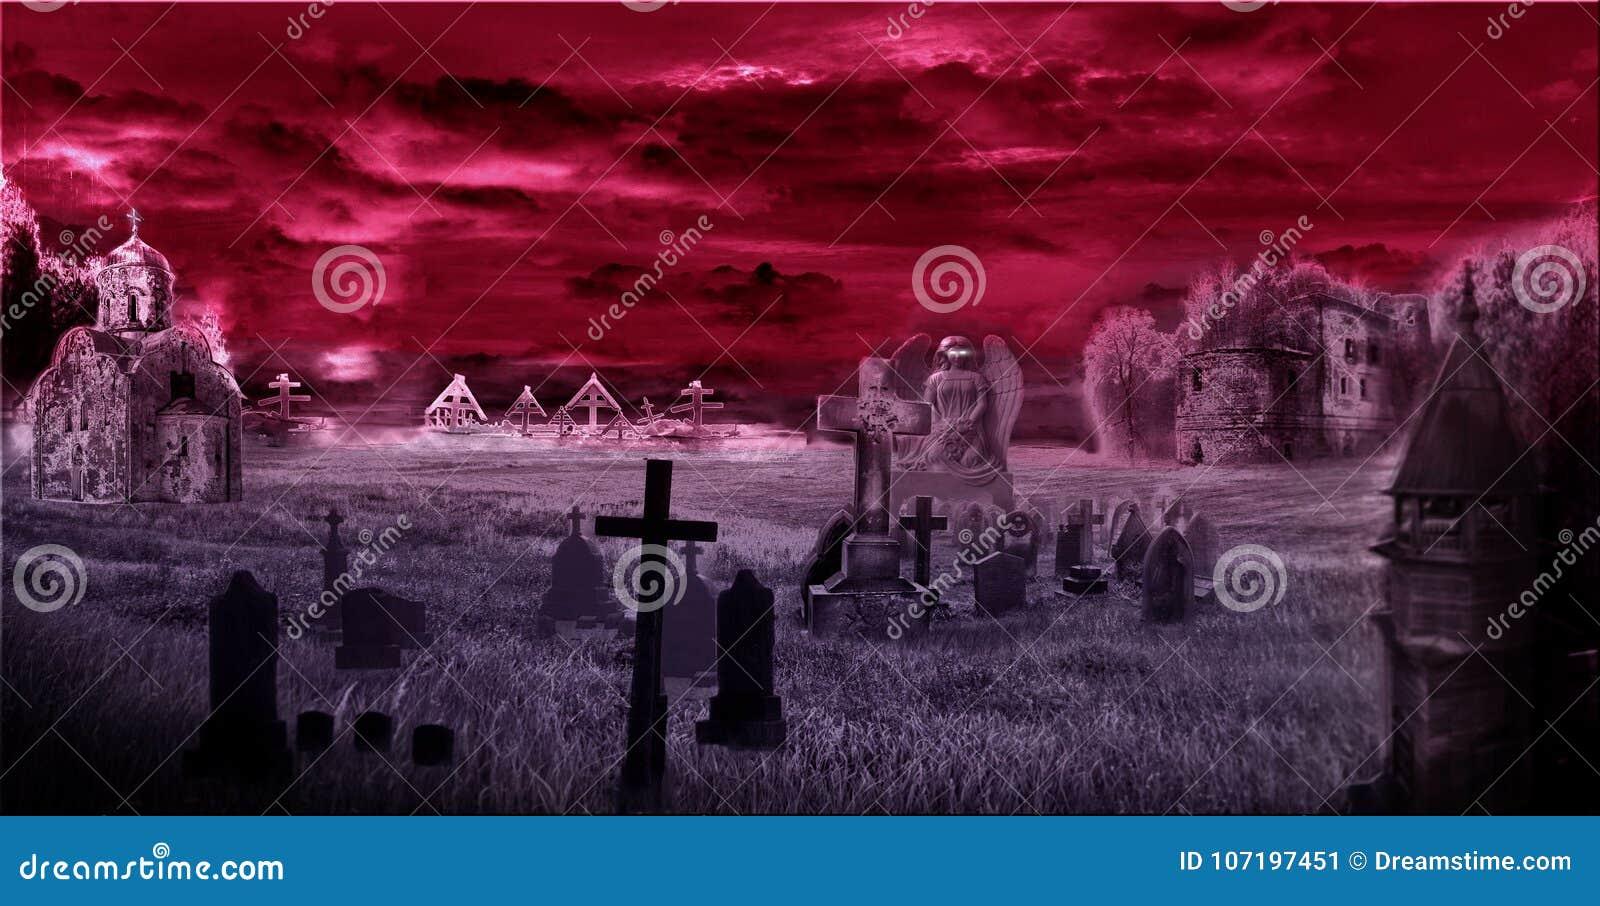 Mörk kyrkogård, digipak, konst, tempel